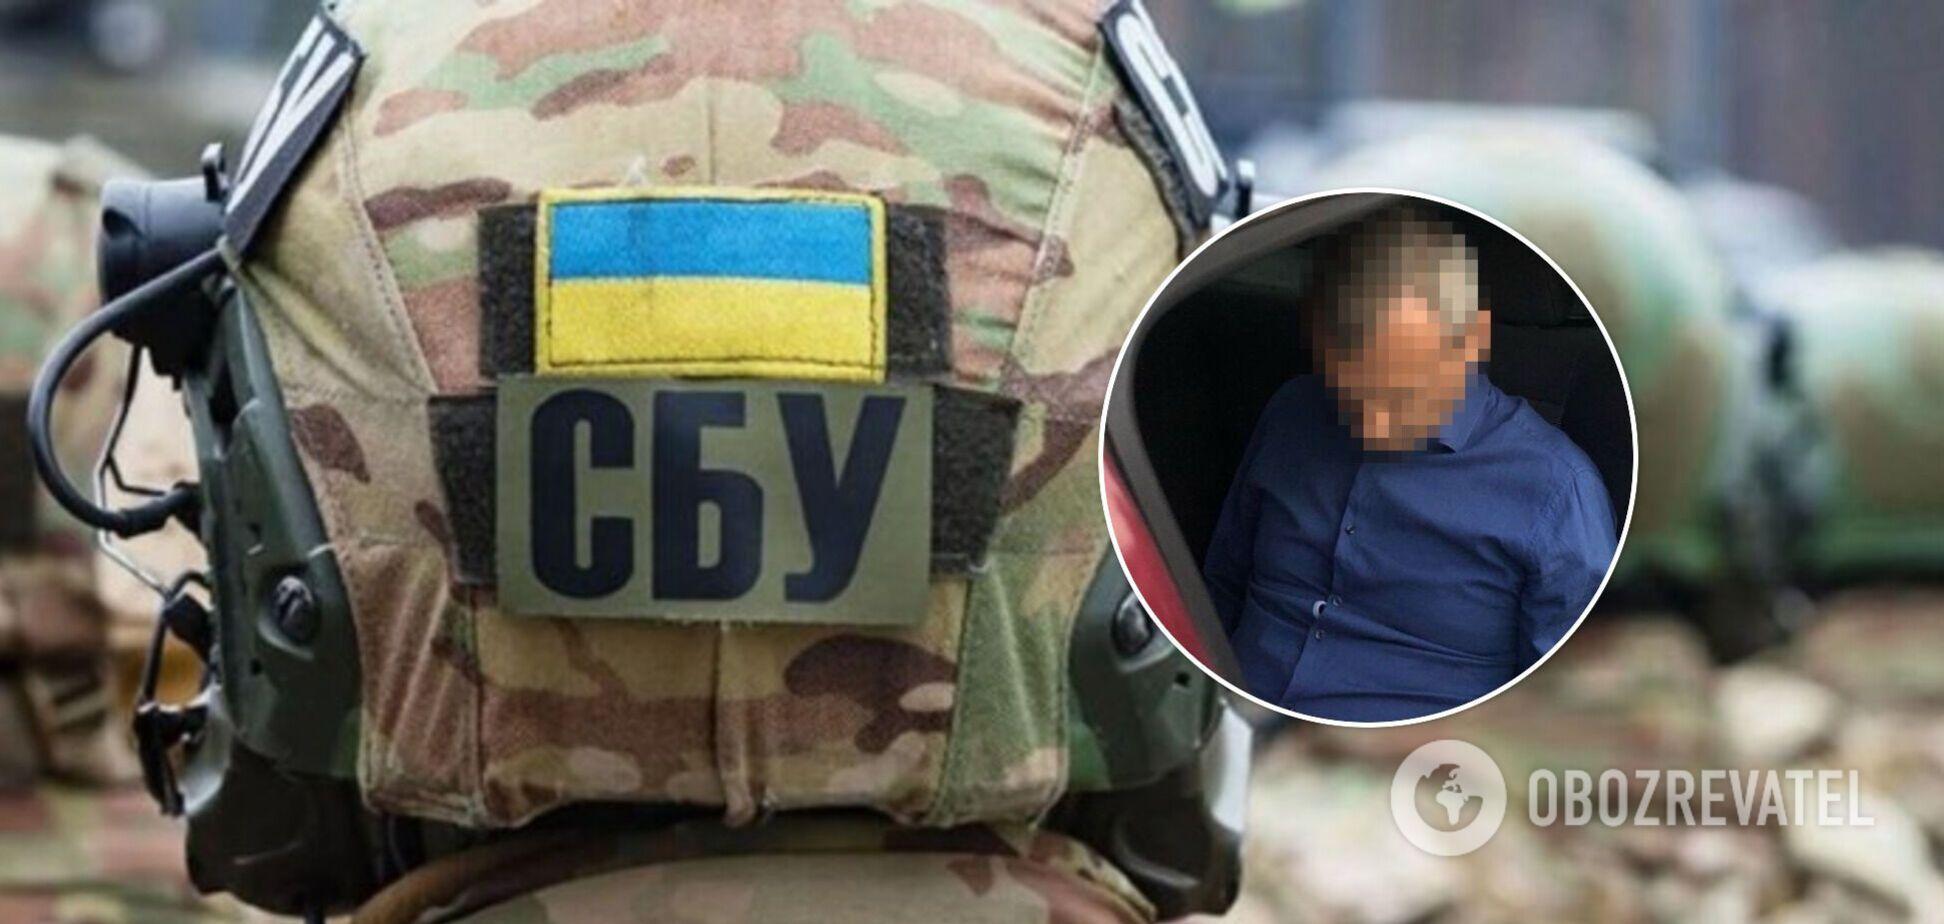 СБУ затримала проросійського пропагандиста, який закликав до поділу України